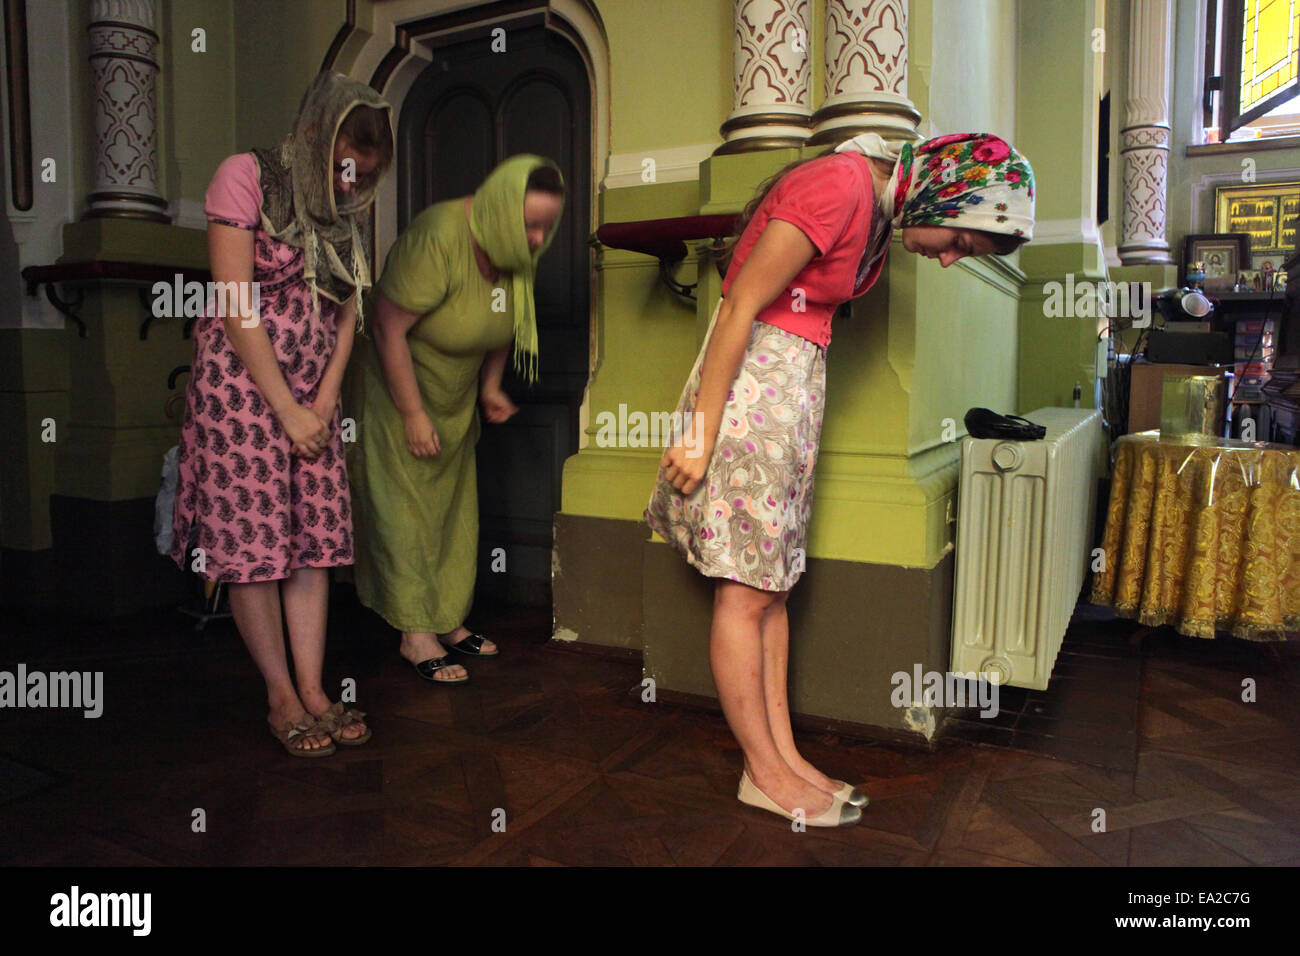 Les femmes et une fille prier pendant une acathistus service dans l'Eglise orthodoxe russe l'église Photo Stock